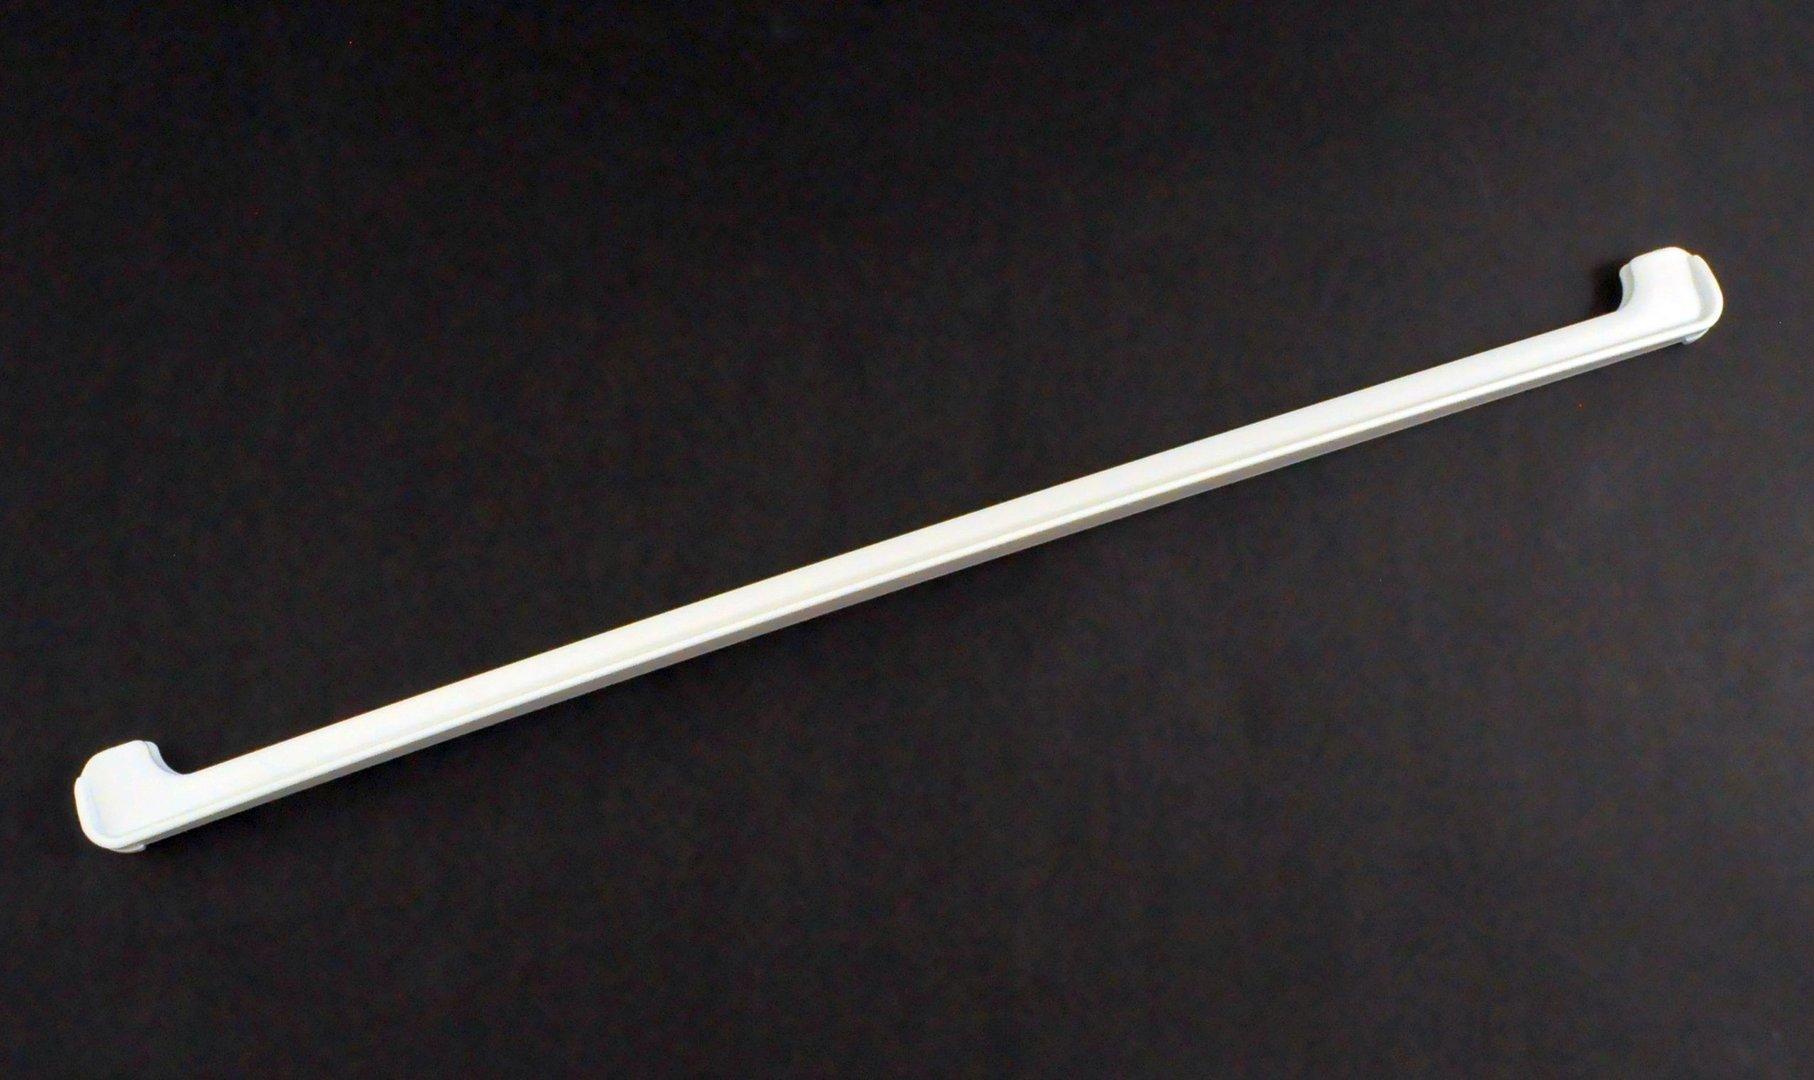 Kühlschrank Zubehör Leiste : Aeg juno husqvarna leiste hinten 480mm für glasplatte kühlschrank